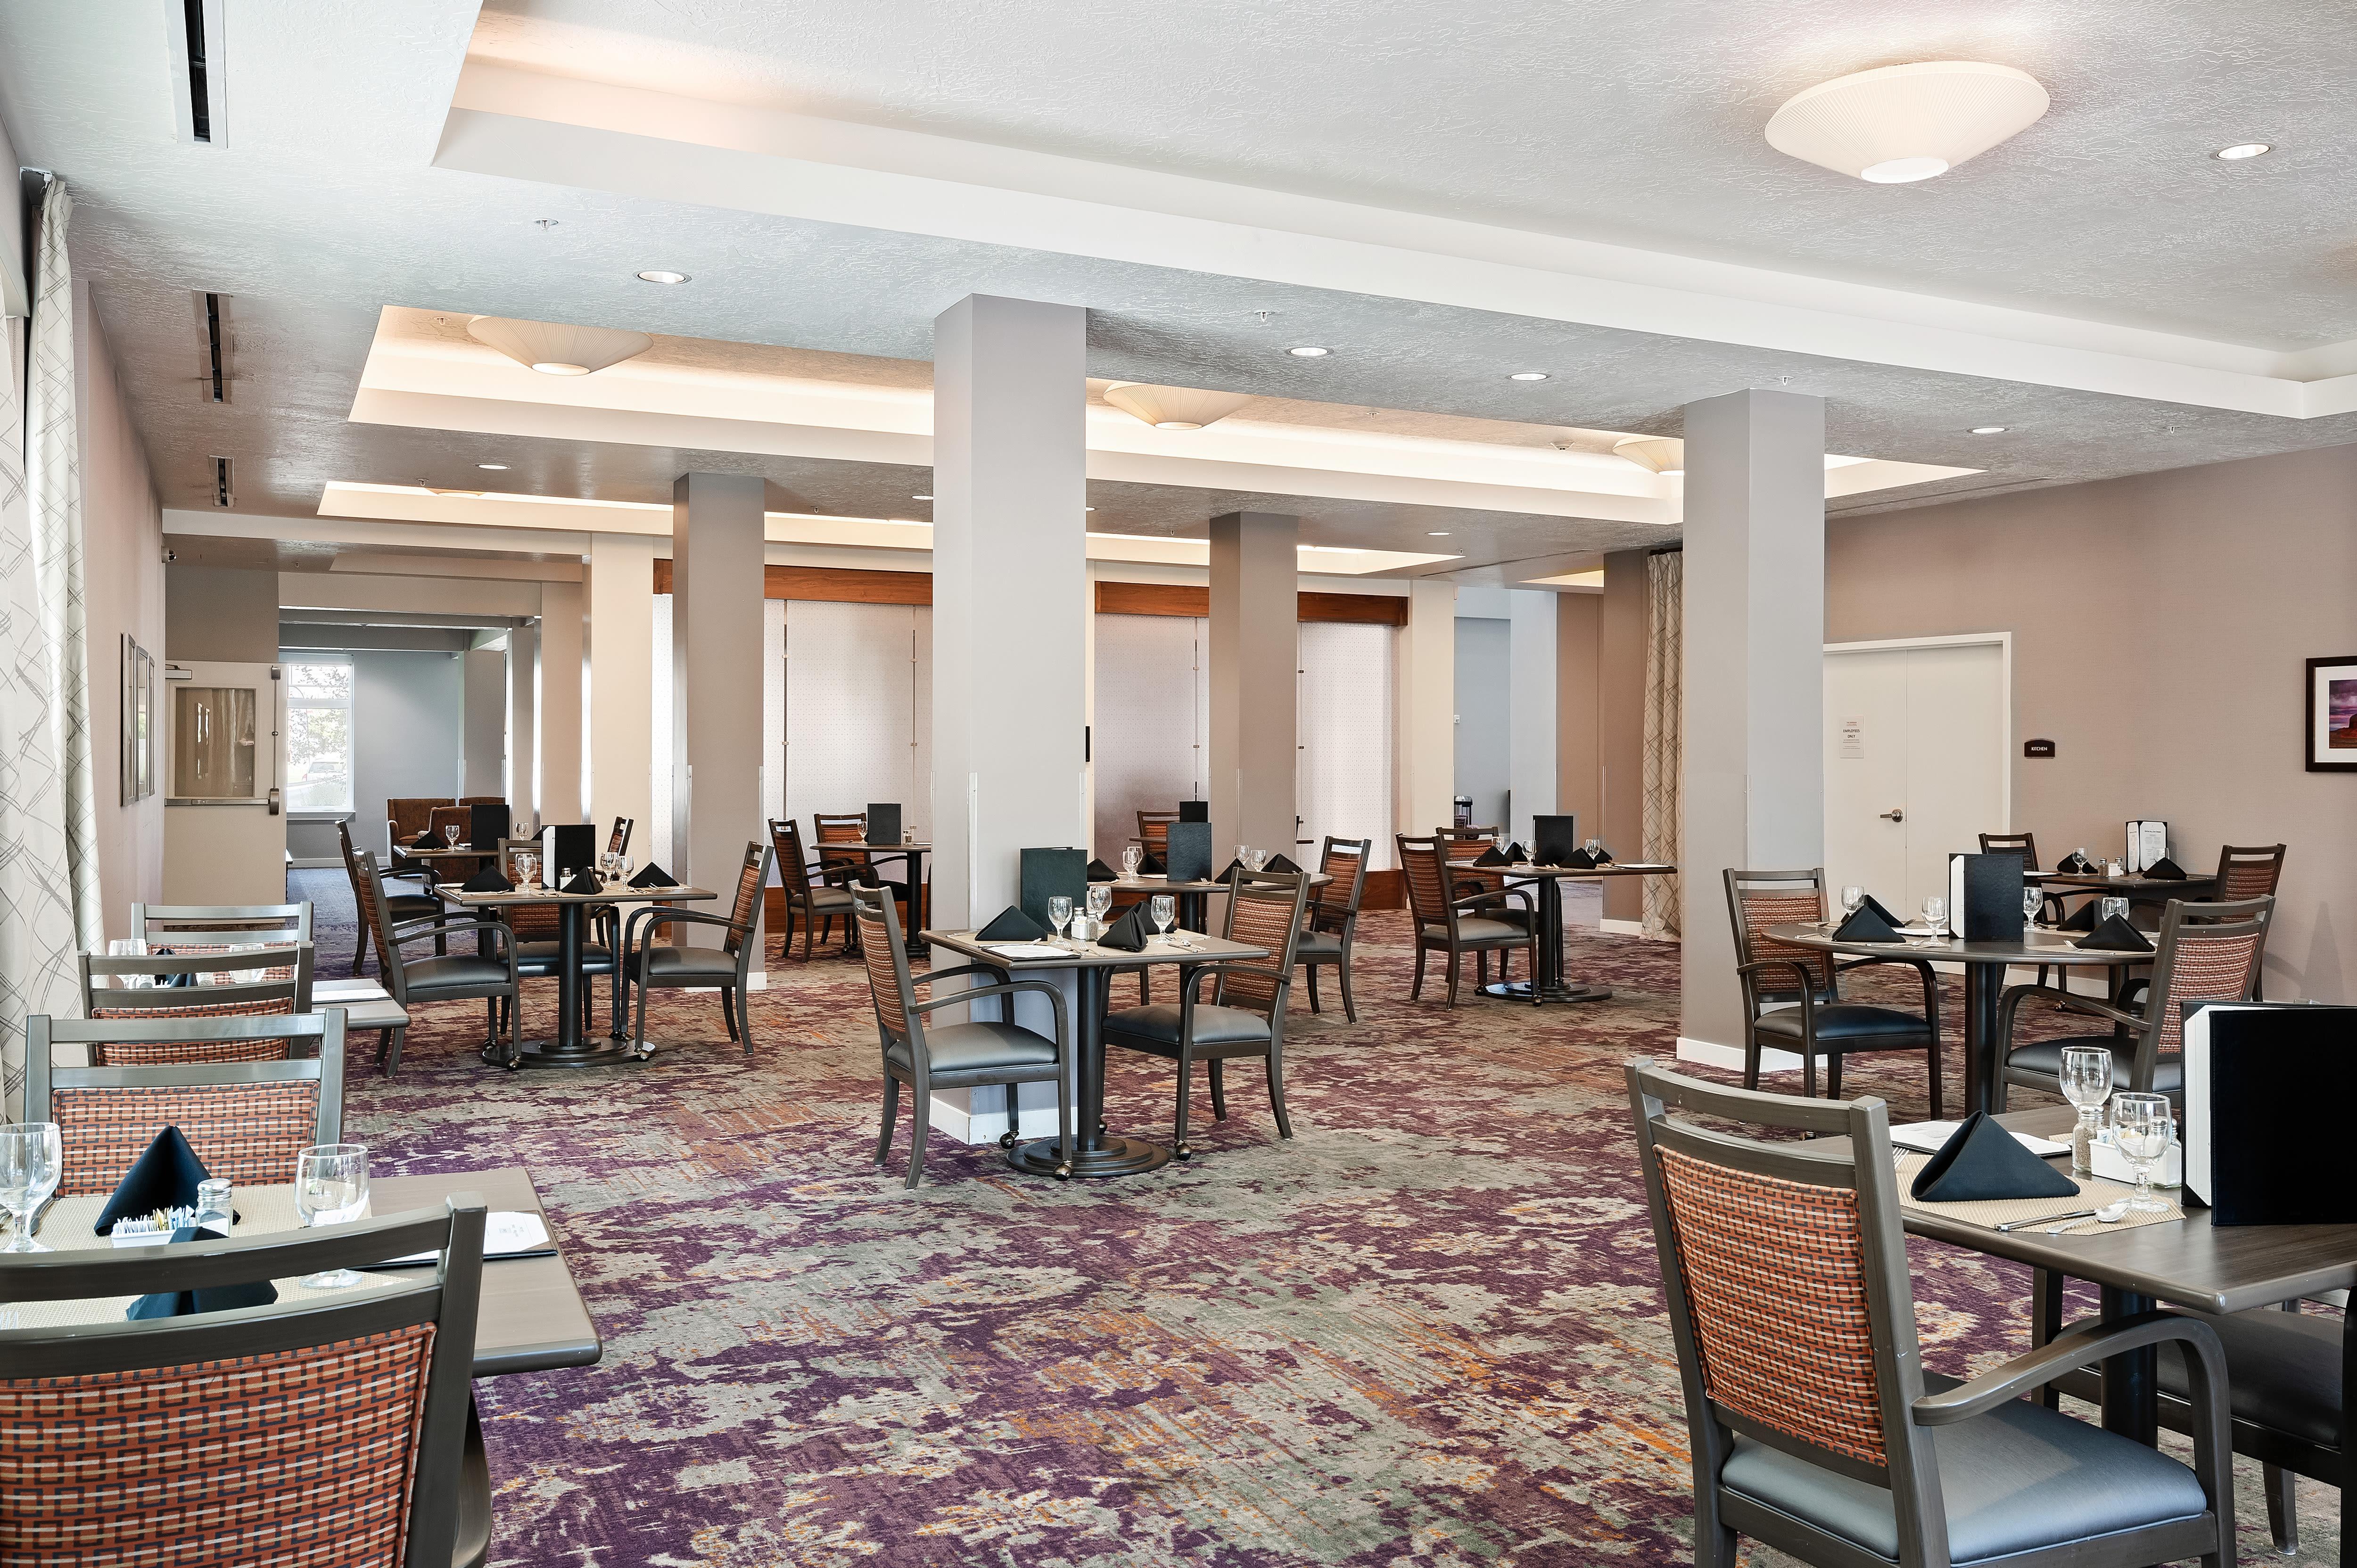 A large dining room at Anthology of South Jordan in South Jordan, Utah